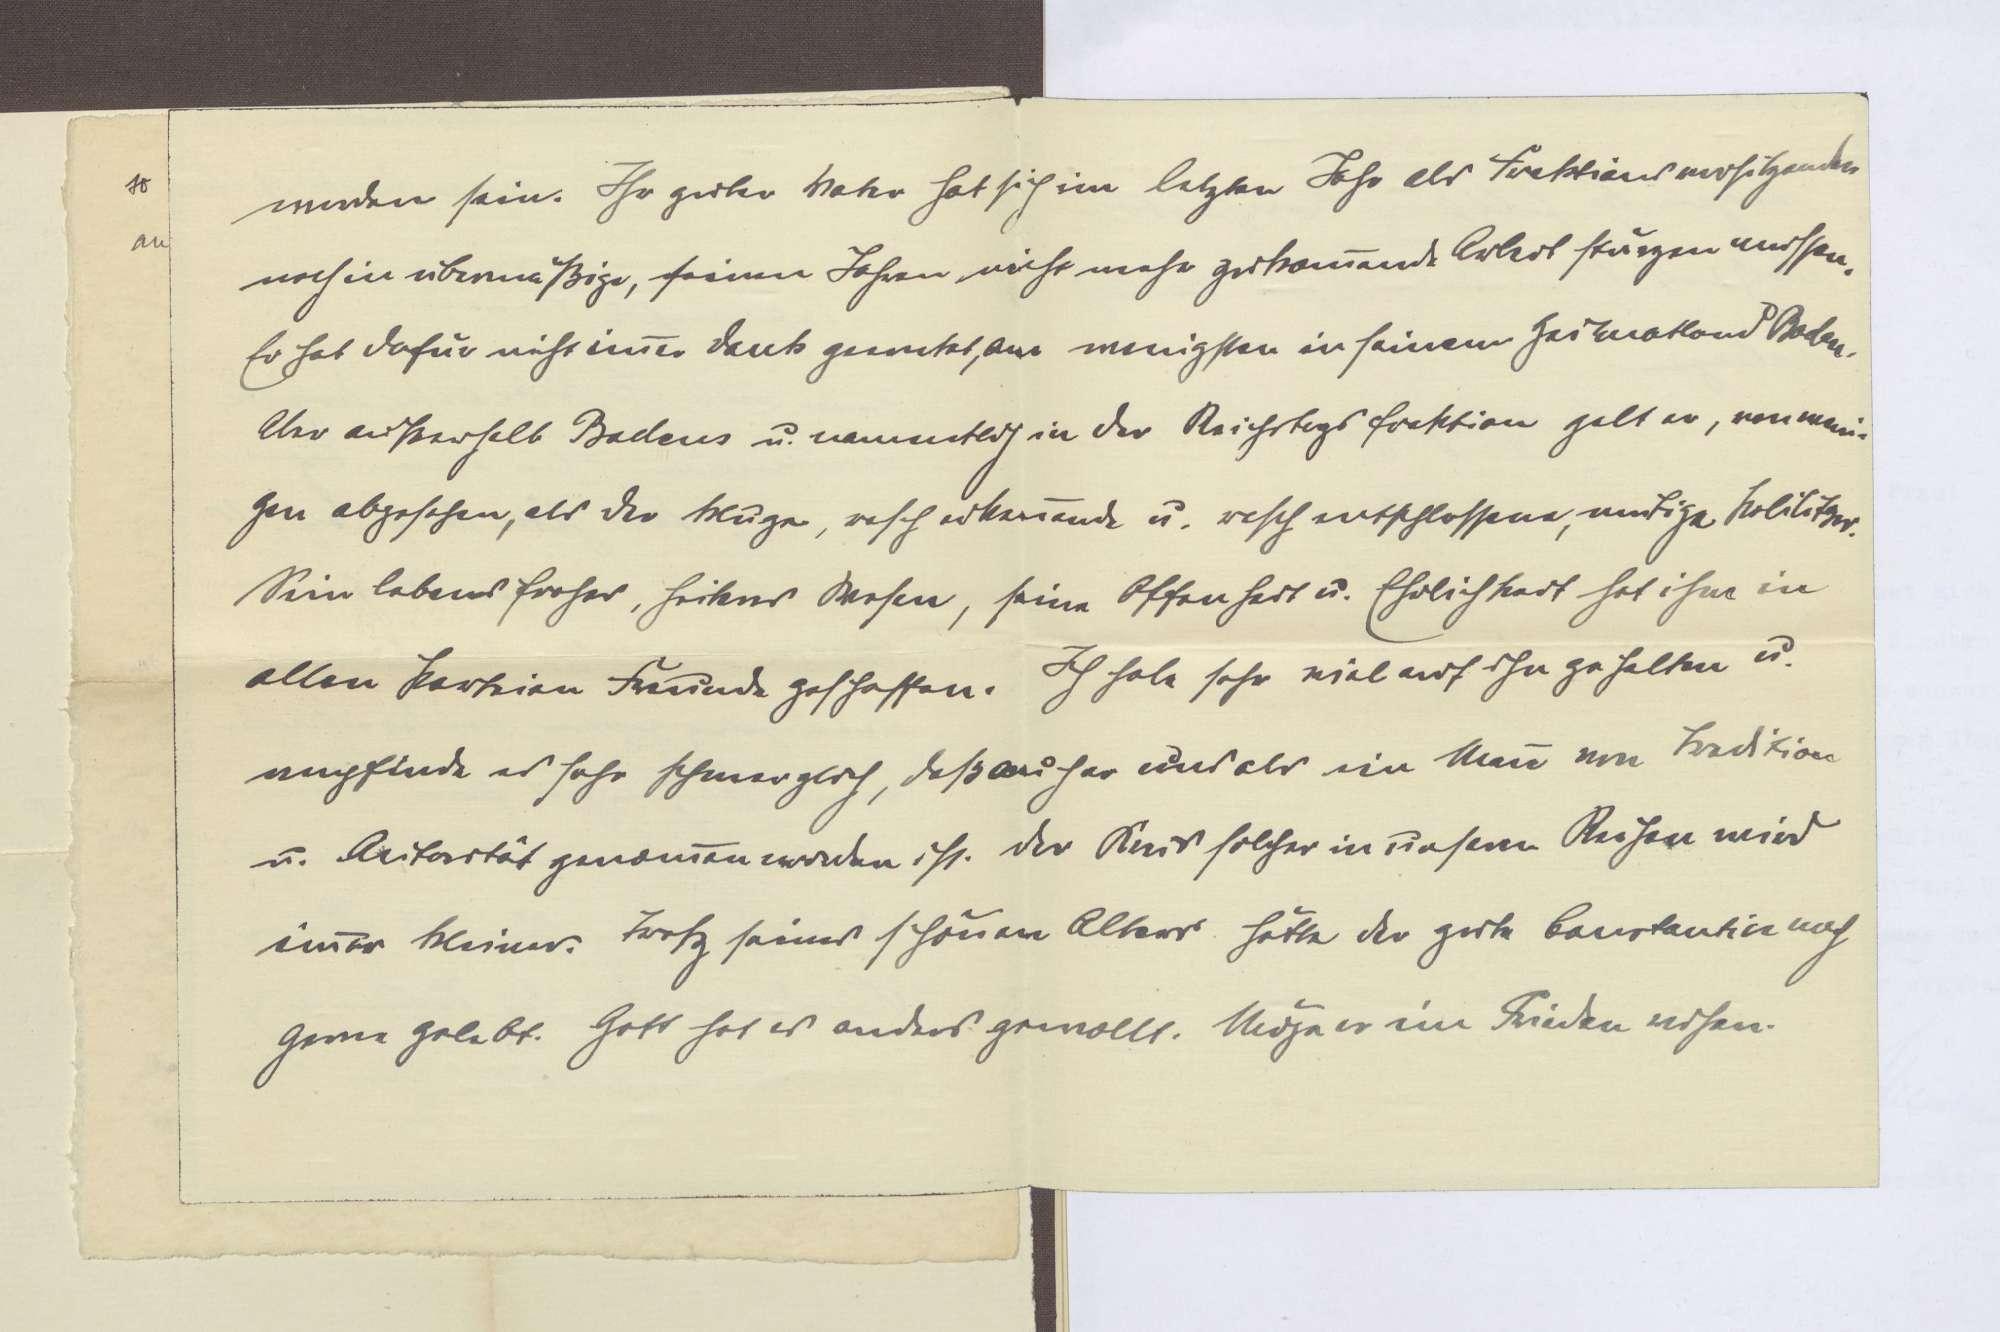 Schreiben von Eugen Bolz an Elisabeth Rosset, Kondolenzschreiben zum Tod von Constantin Fehrenbach, Bild 2